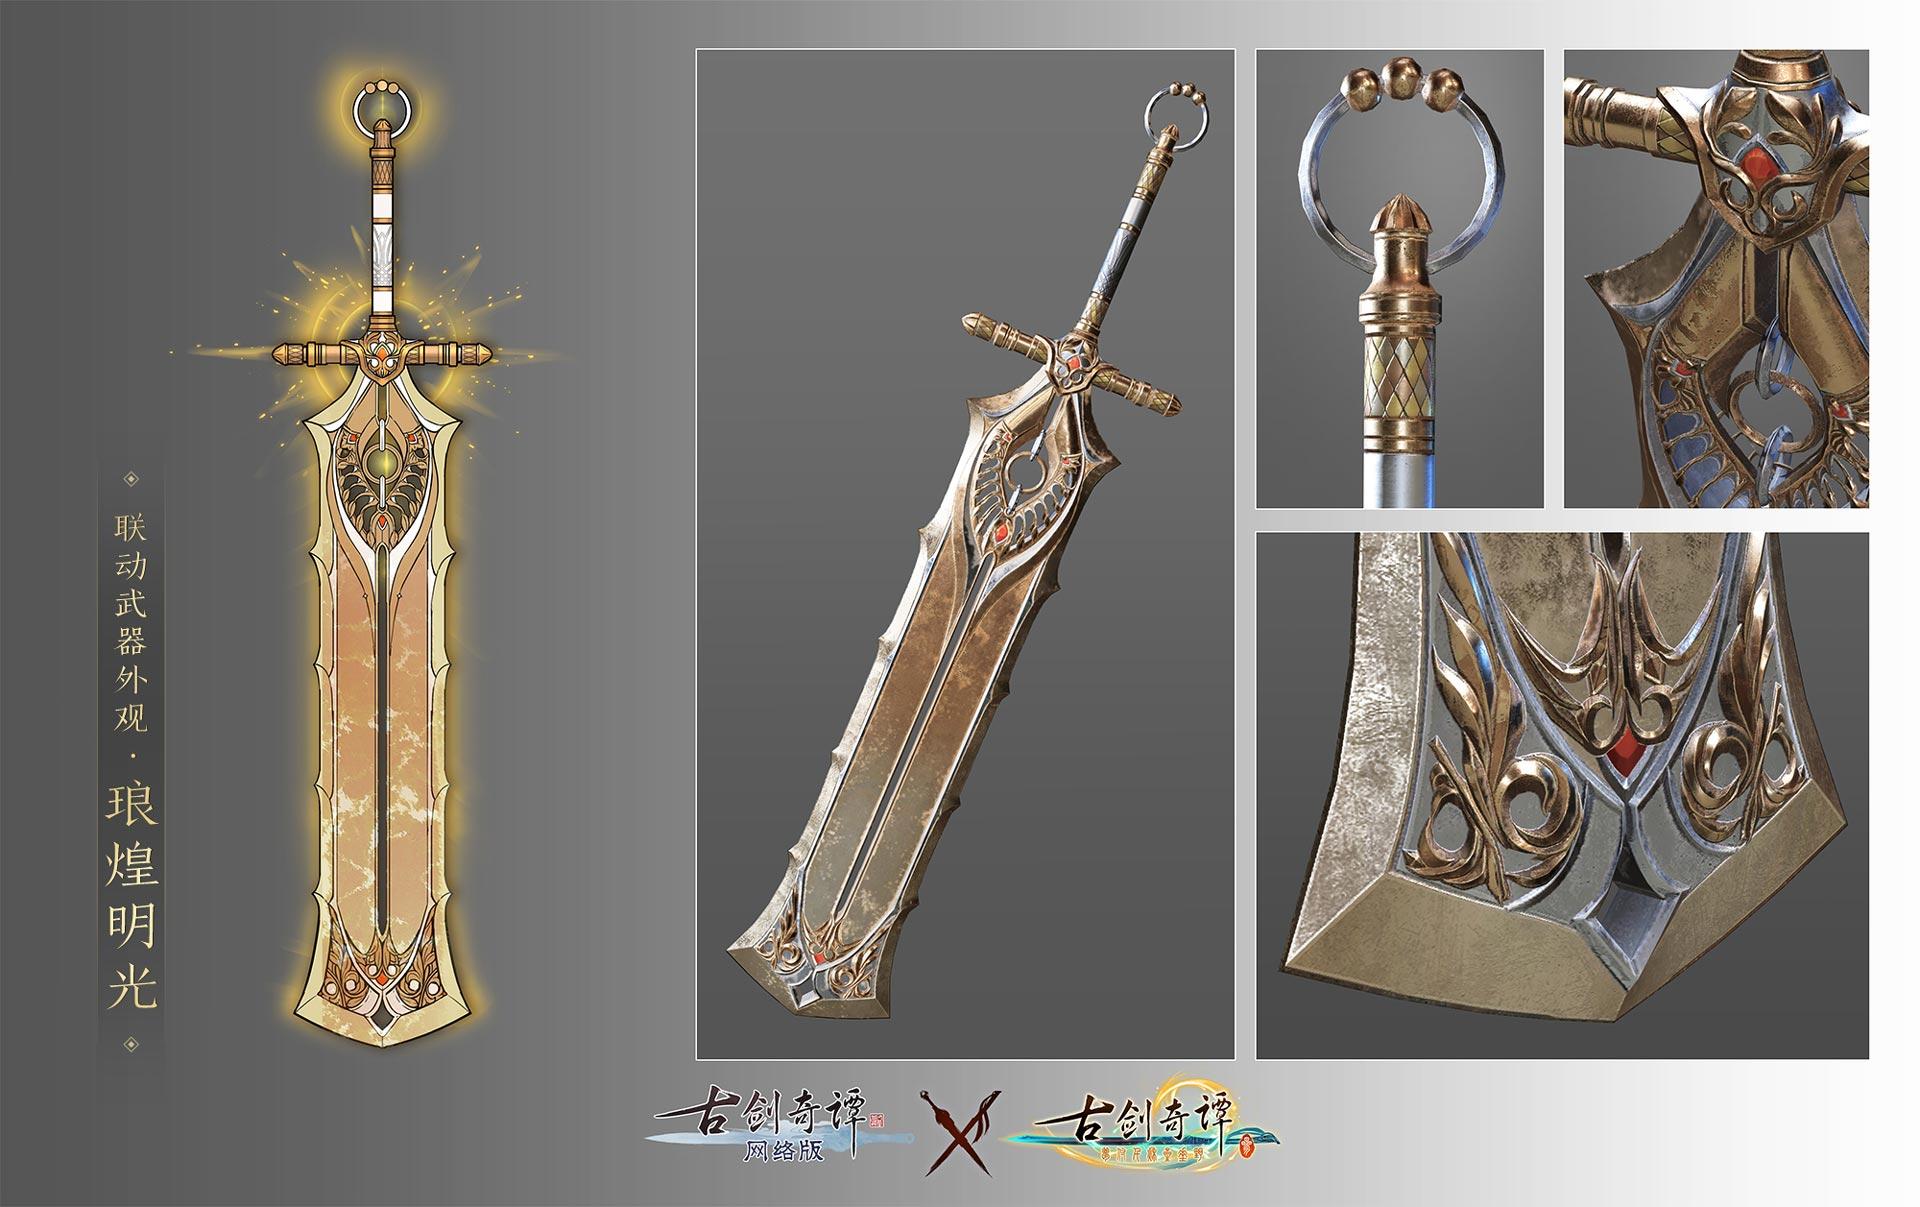 《古剑奇谭OL》联动武器外观琅煌明光预览